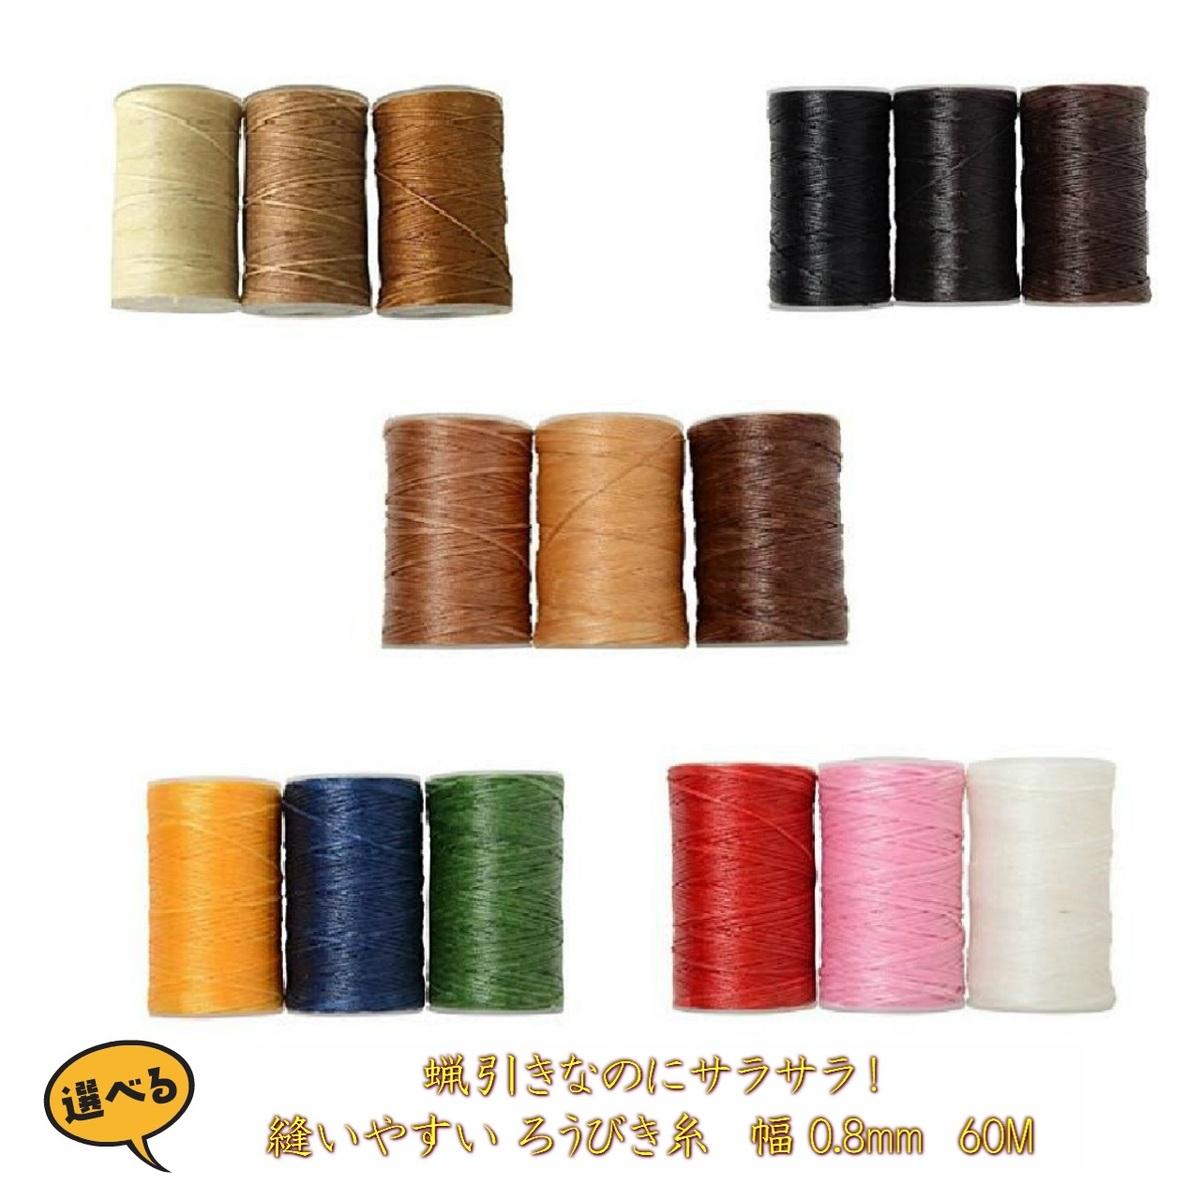 革縫い糸 送料無料お手入れ要らず マクラメ編み アクセサリーに最適なろうびき糸です 麻紐では物足りなく プレゼント シニュー糸は高価すぎる そんな方に最適な高品質ポリエステル繊維糸 蝋引き糸 ロウ引き糸 幅0.8mm 当店オススメ マイクロマクラメコード 60m ワックスコード レザークラフト 糸 単品